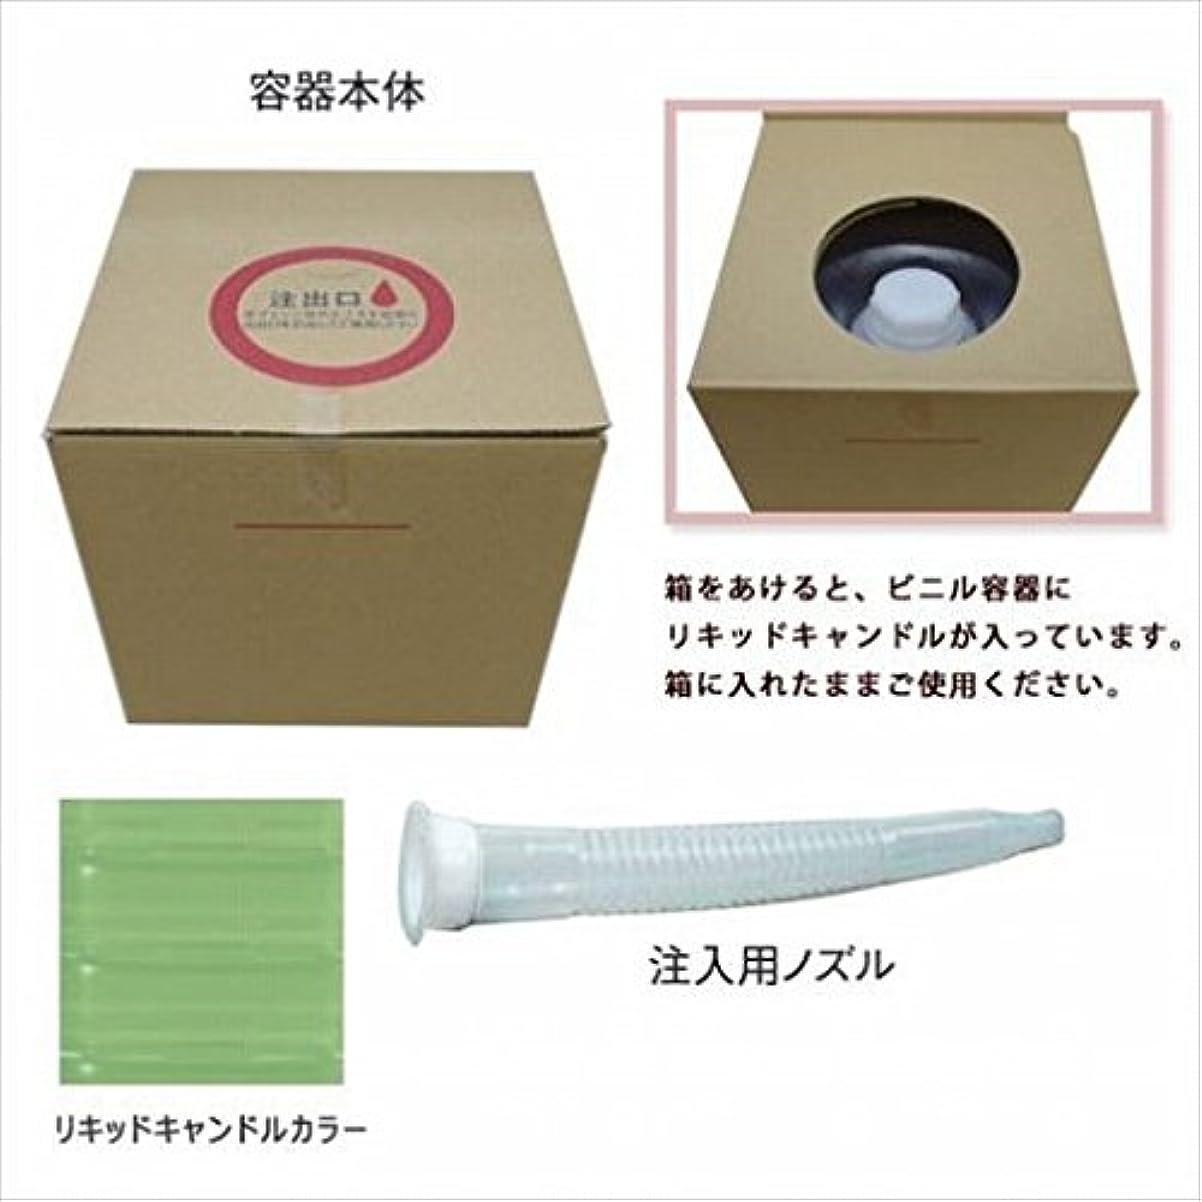 遵守する取るに足らない表面的なkameyama candle(カメヤマキャンドル) リキッドキャンドル5リットル 「 ライトグリーン 」(77320000LG)